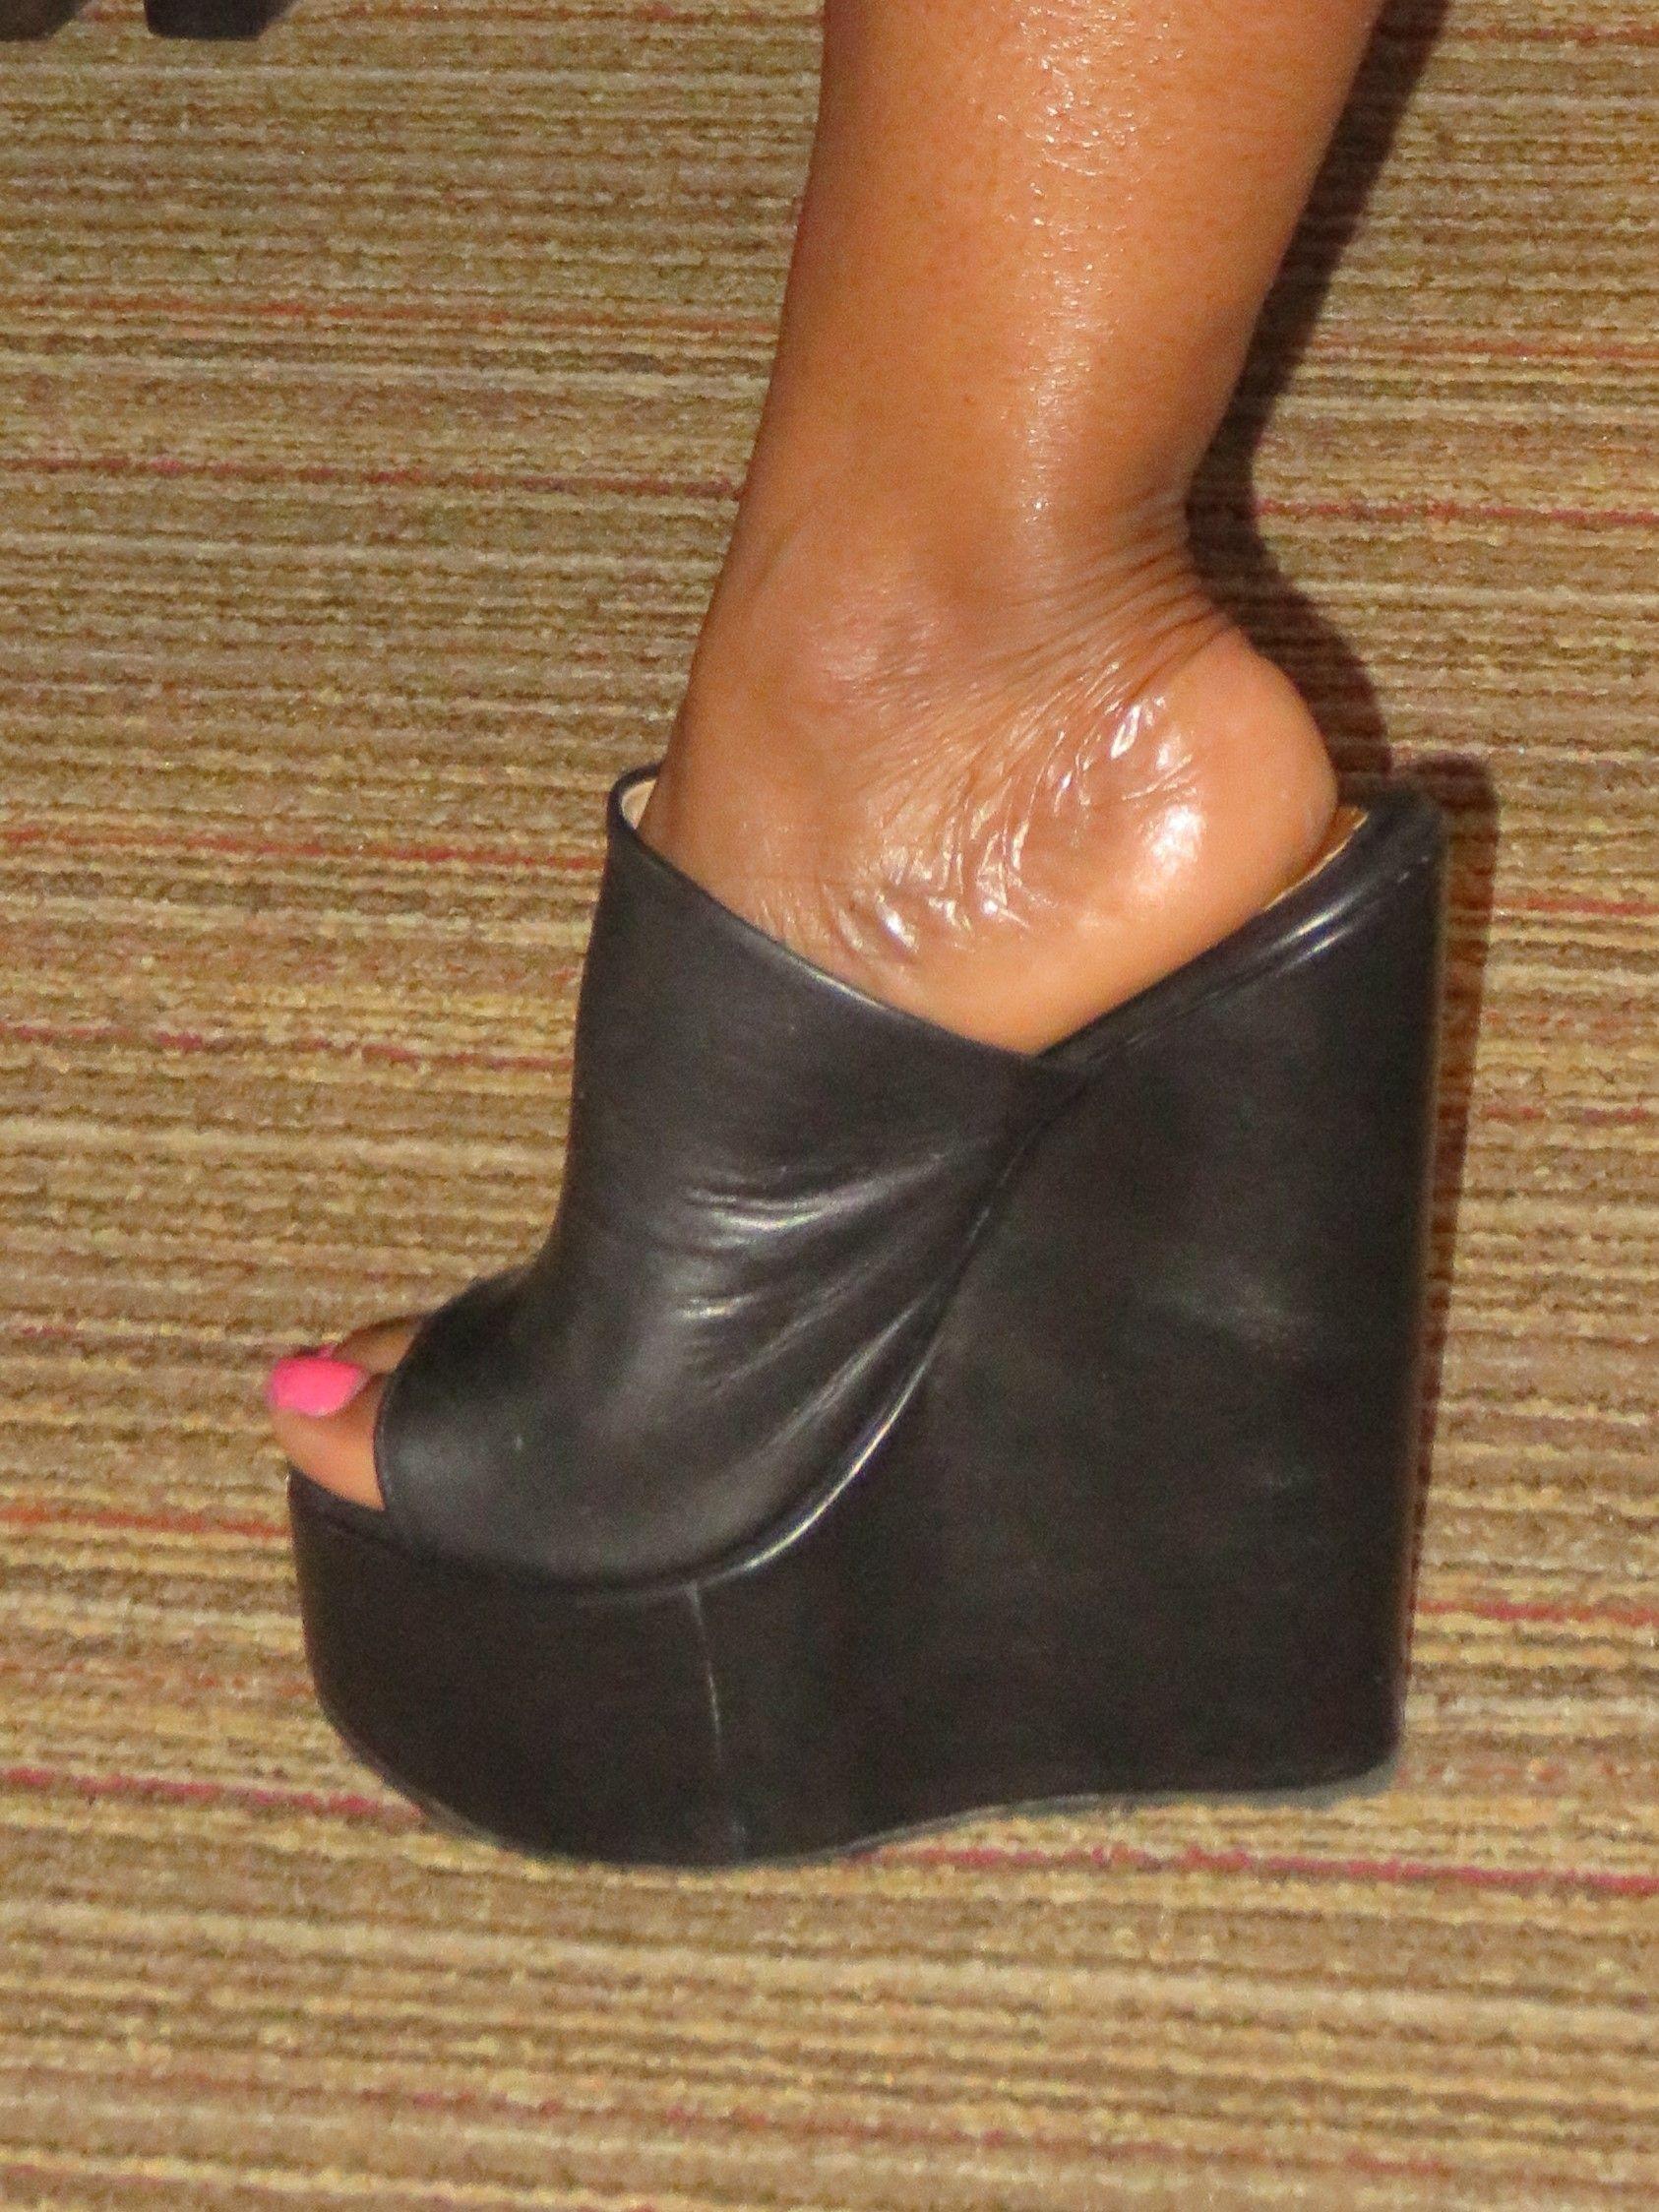 e88a798f56c Sapphic Heels